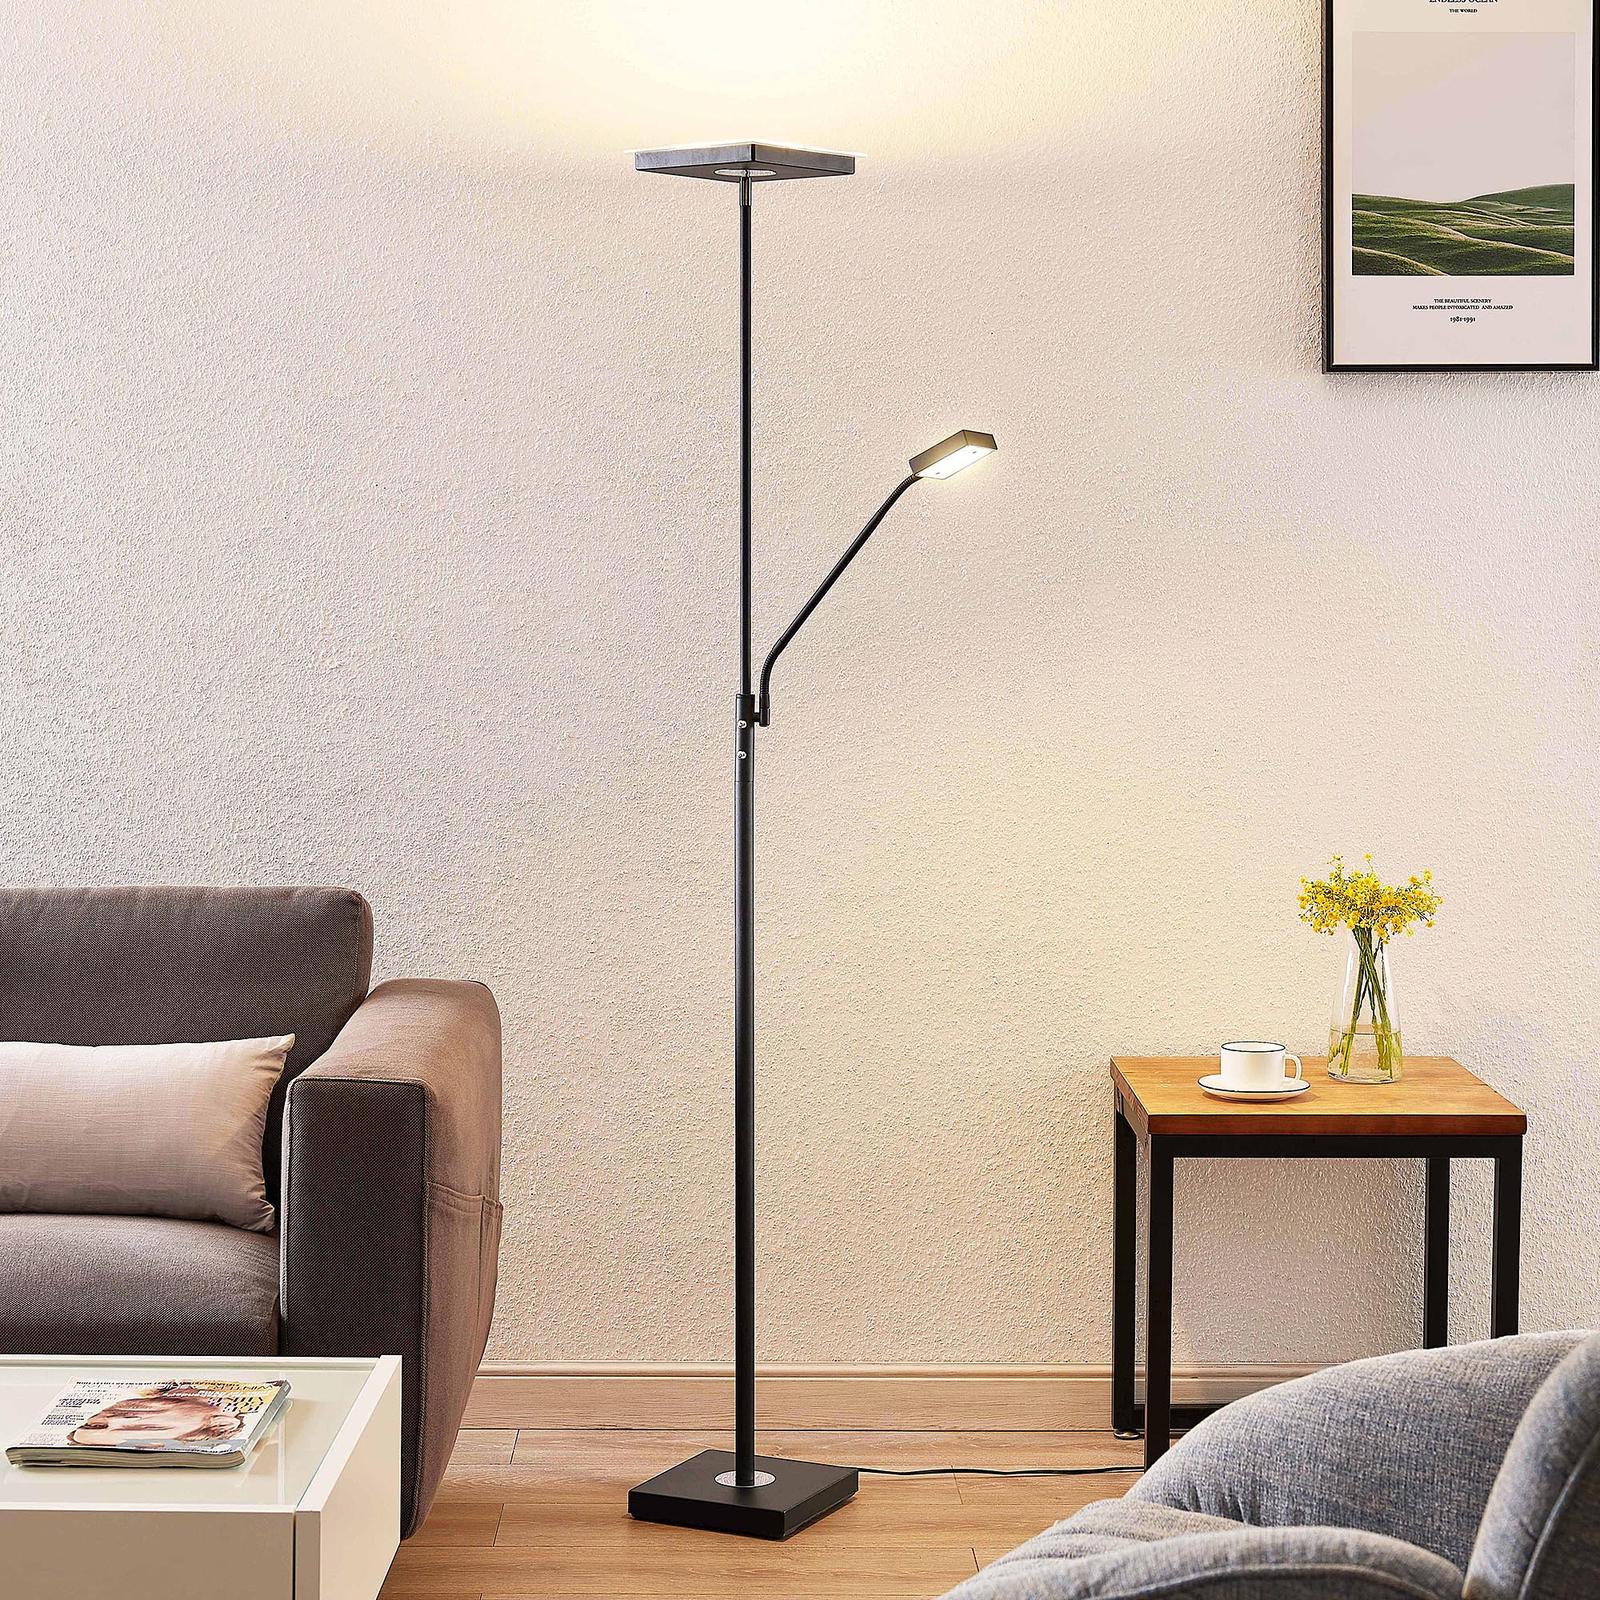 Lindby Sumani lampa stojąca LED, kątowa, czarna